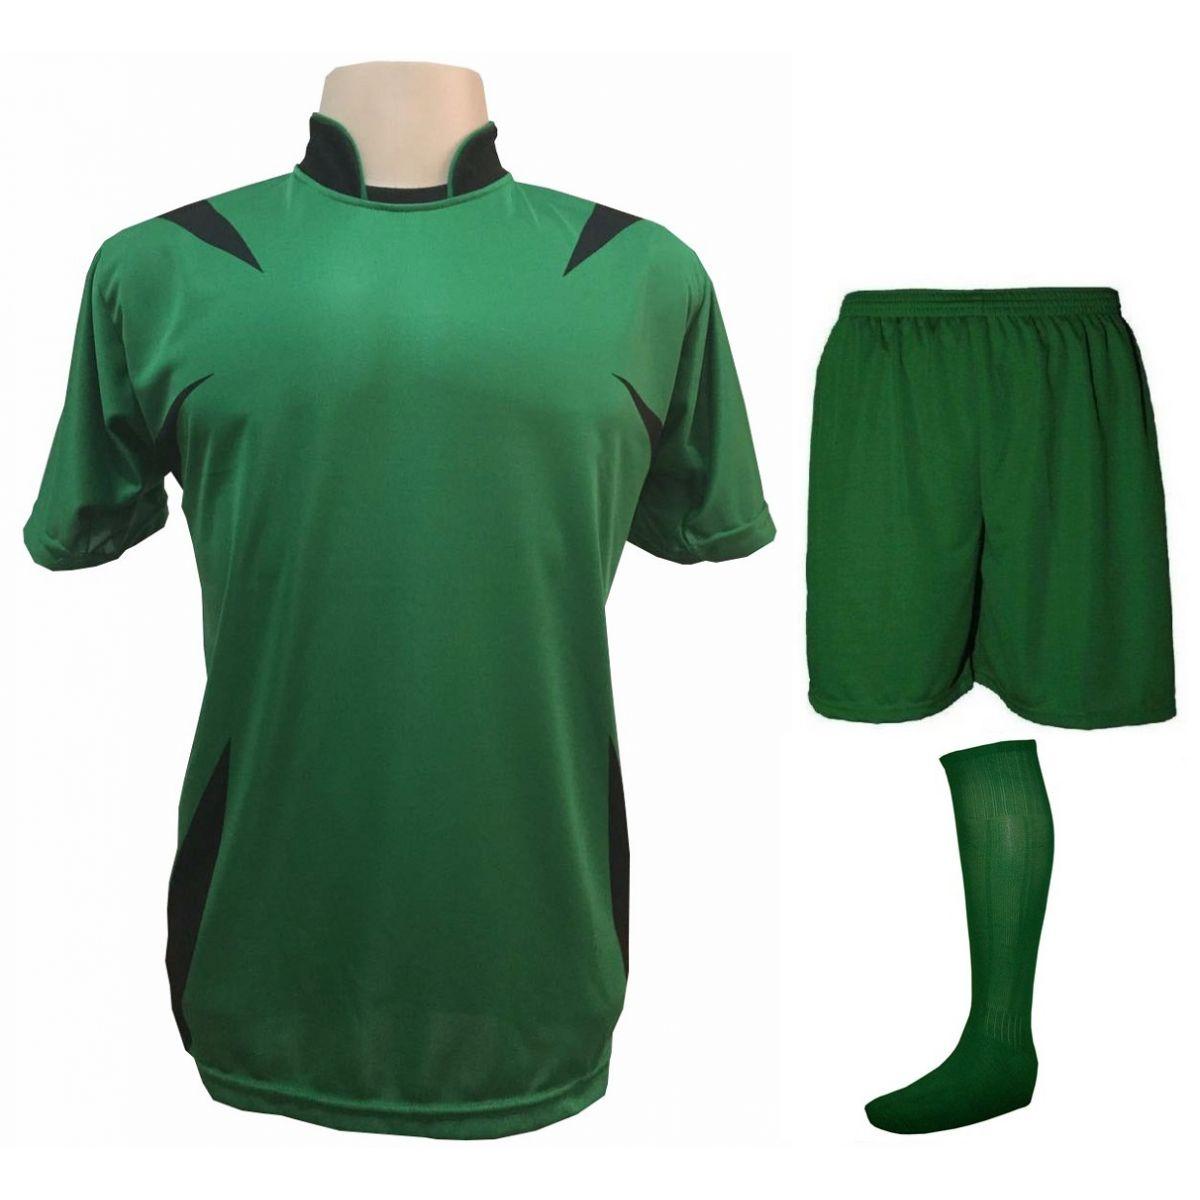 a41ba4db8c Uniforme Esportivo com 14 camisas modelo Palermo Verde Preto + 14 calções  modelo Madrid Verde